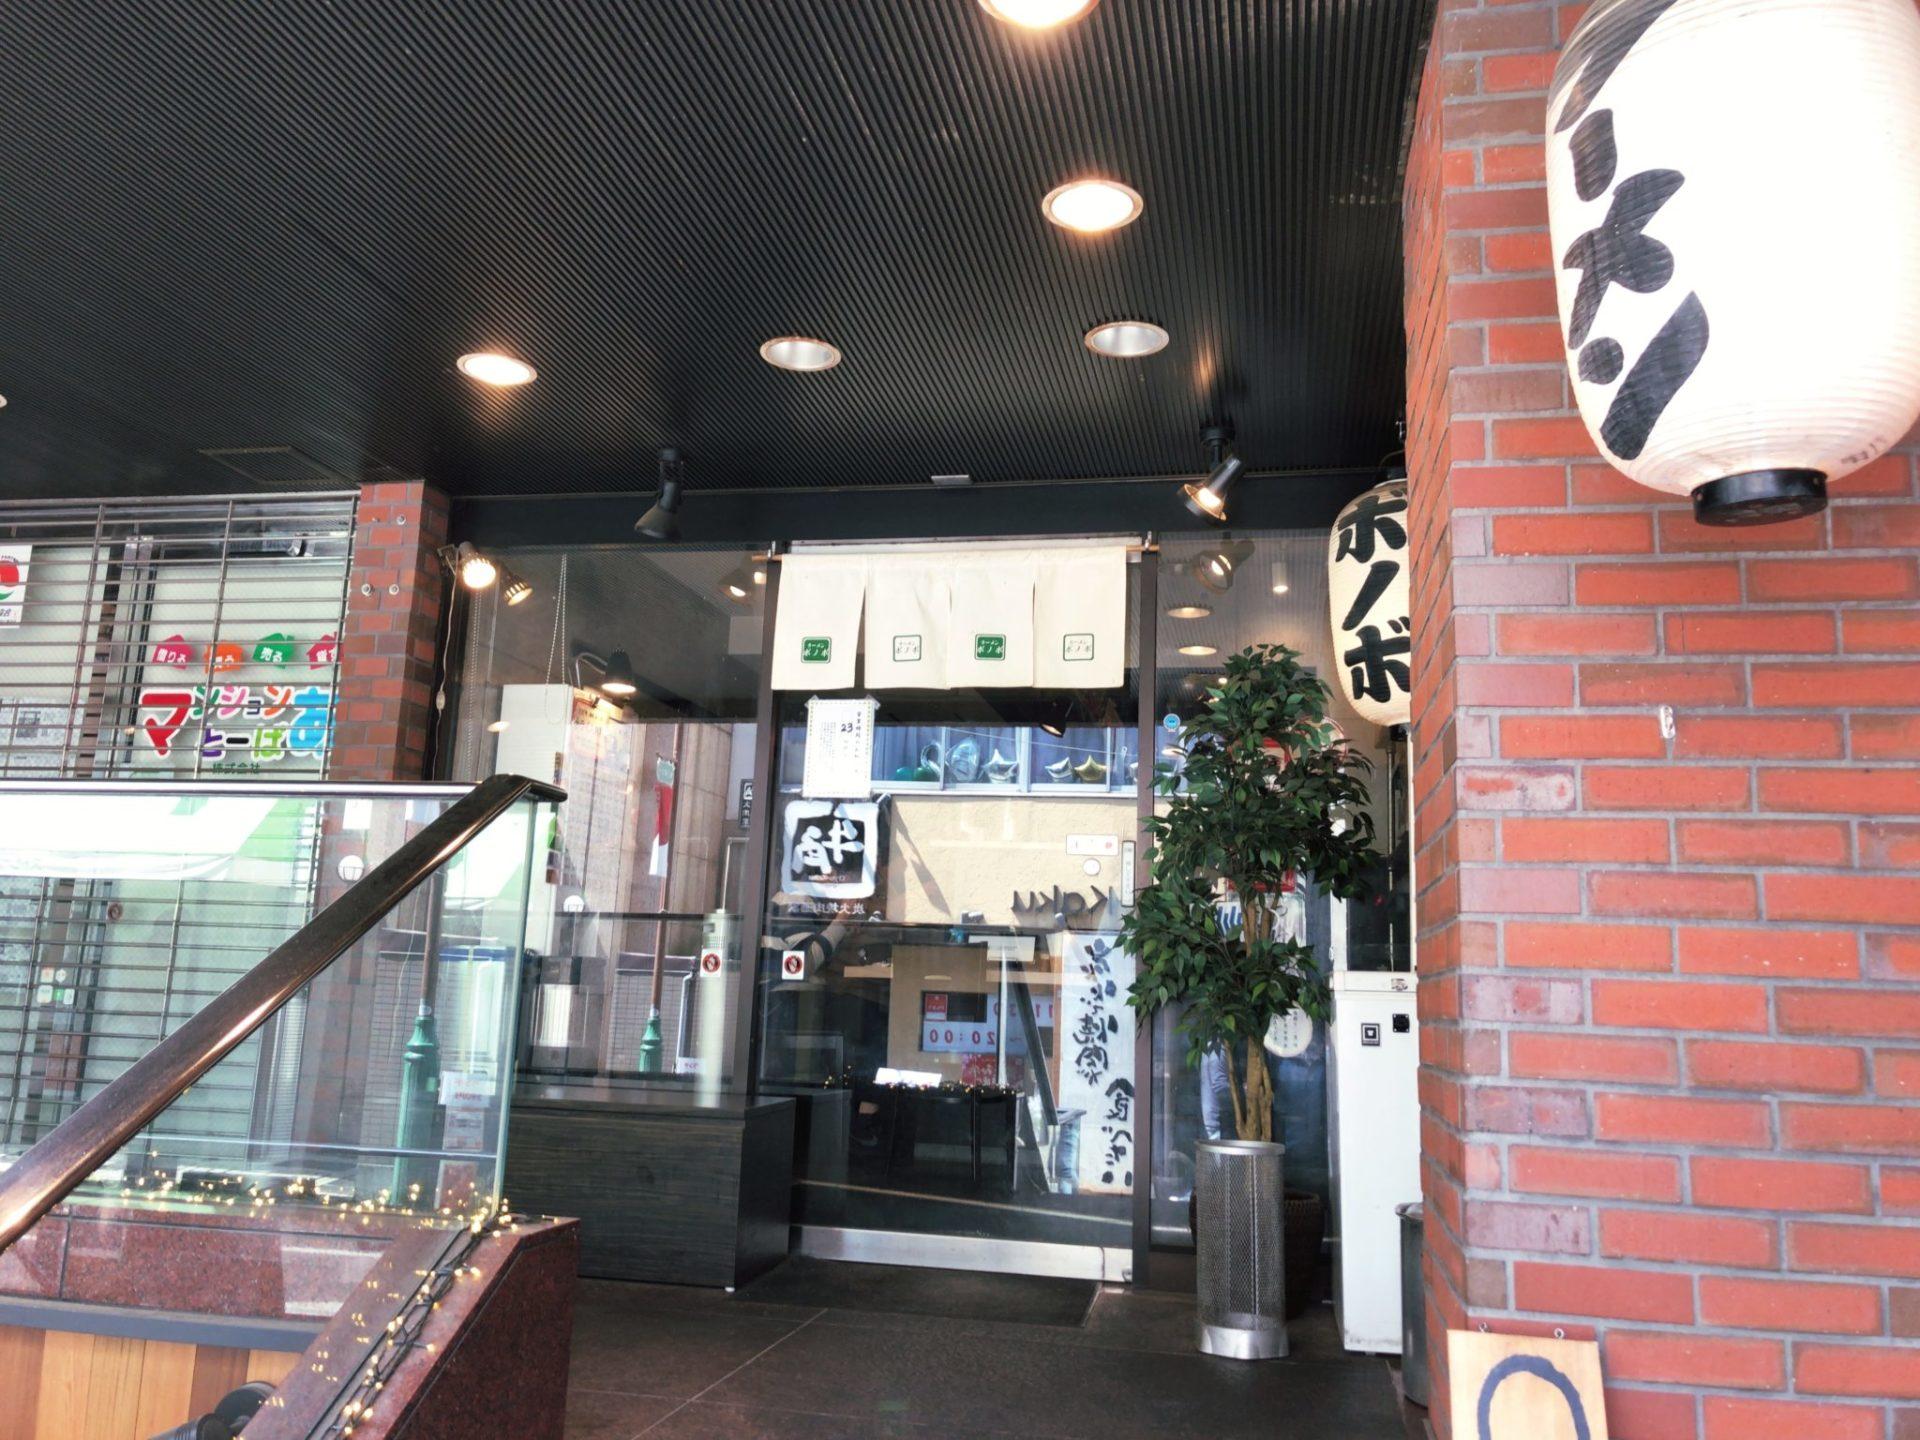 ボノボ 梅ヶ丘の店の入り口